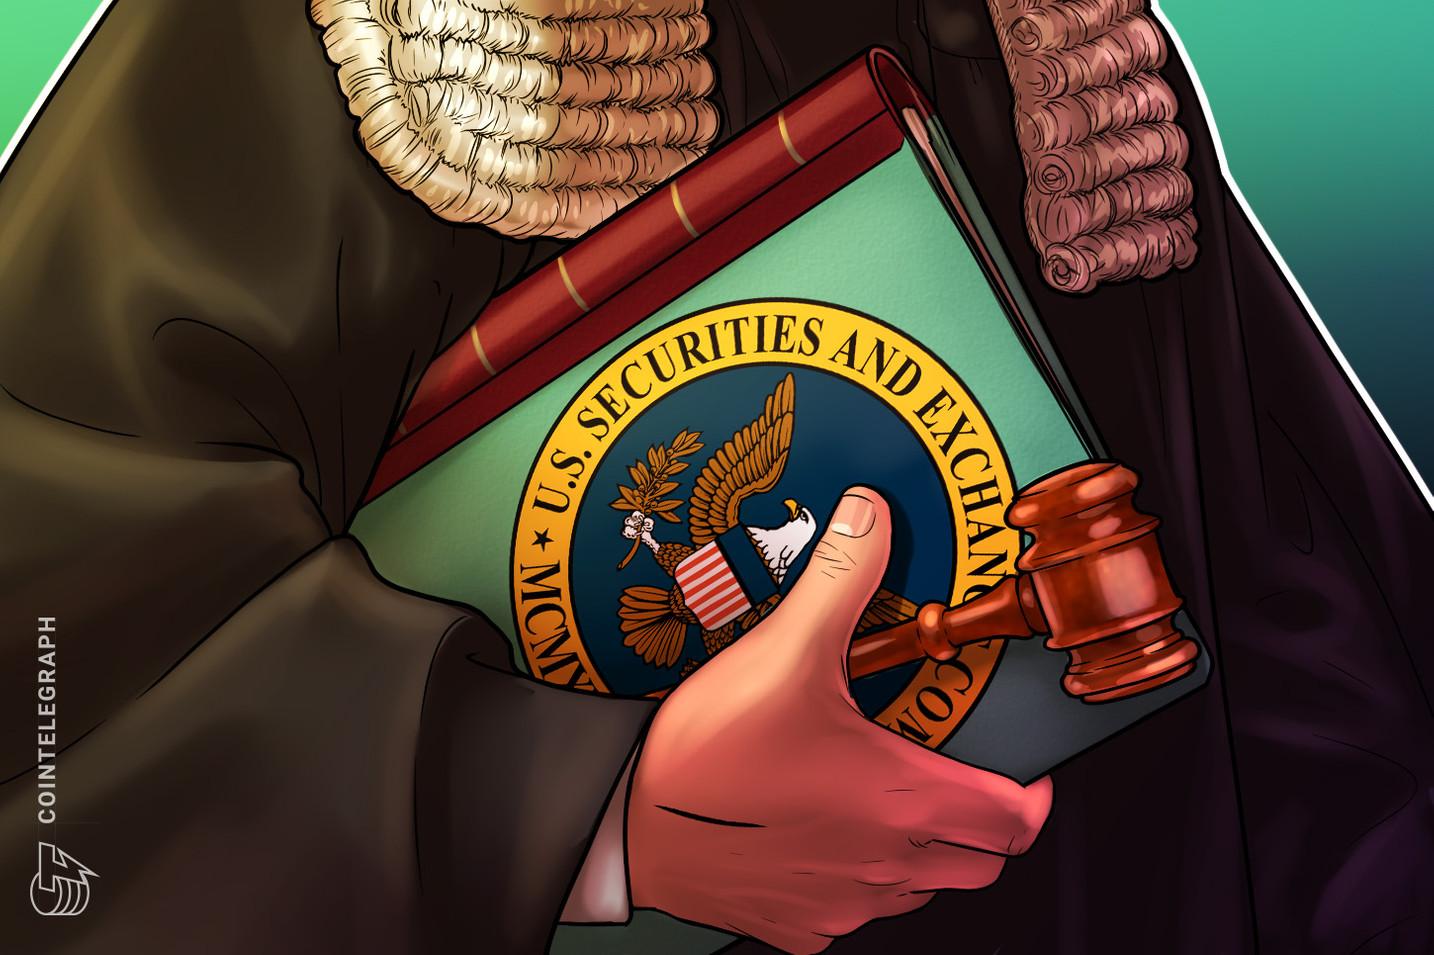 1434 aHR0cHM6Ly9zMy5jb2ludGVsZWdyYXBoLmNvbS91cGxvYWRzLzIwMjEtMDcvYjAwZjFjNmItOTc2OS00Mzg3LTlhZTAtOTM1MWI5NjI3OTRmLmpwZw - رئیس کمیسیون بورس و اوراق بهادار ایالات متحده می گوید رمزارز تحت قوانین مبادله مبتنی بر امنیت قرار دارد